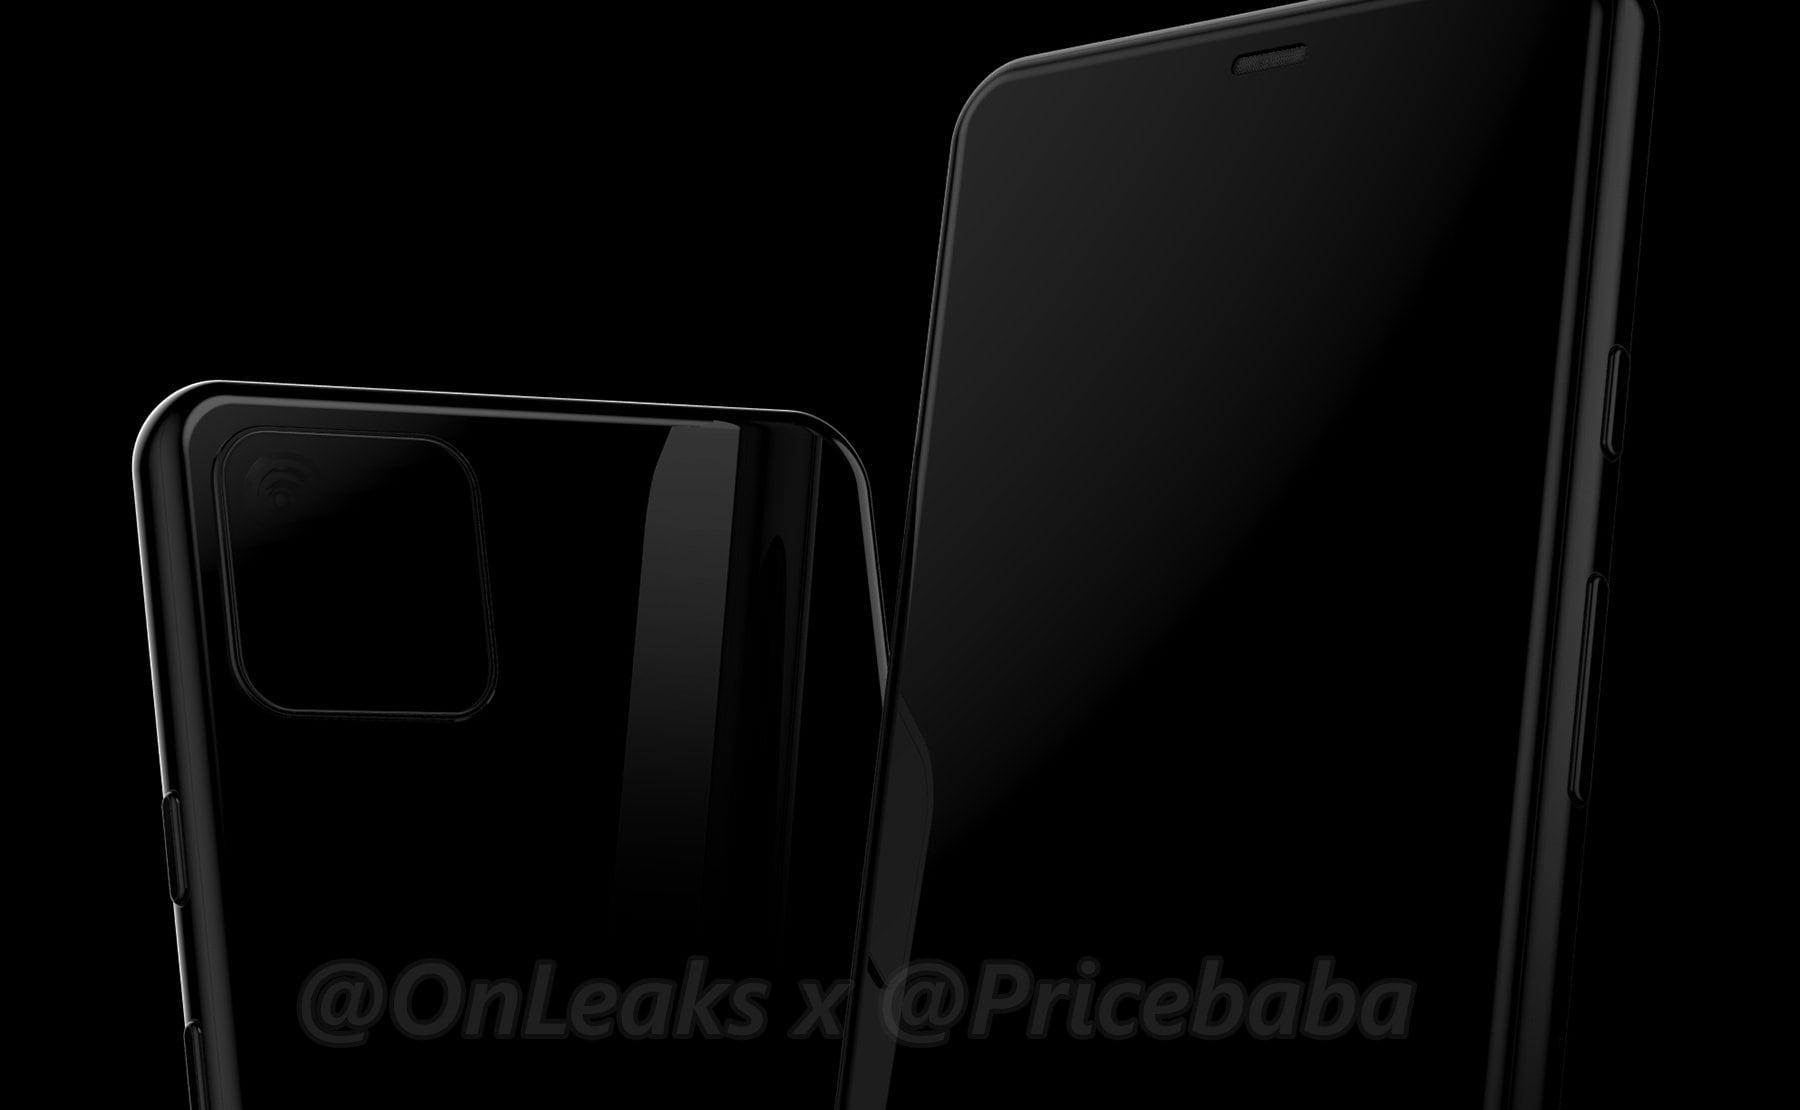 Per fare un grande telefono serve un telefono grande? Ecco le dimensioni di Pixel 4 e Pixel 4 XL